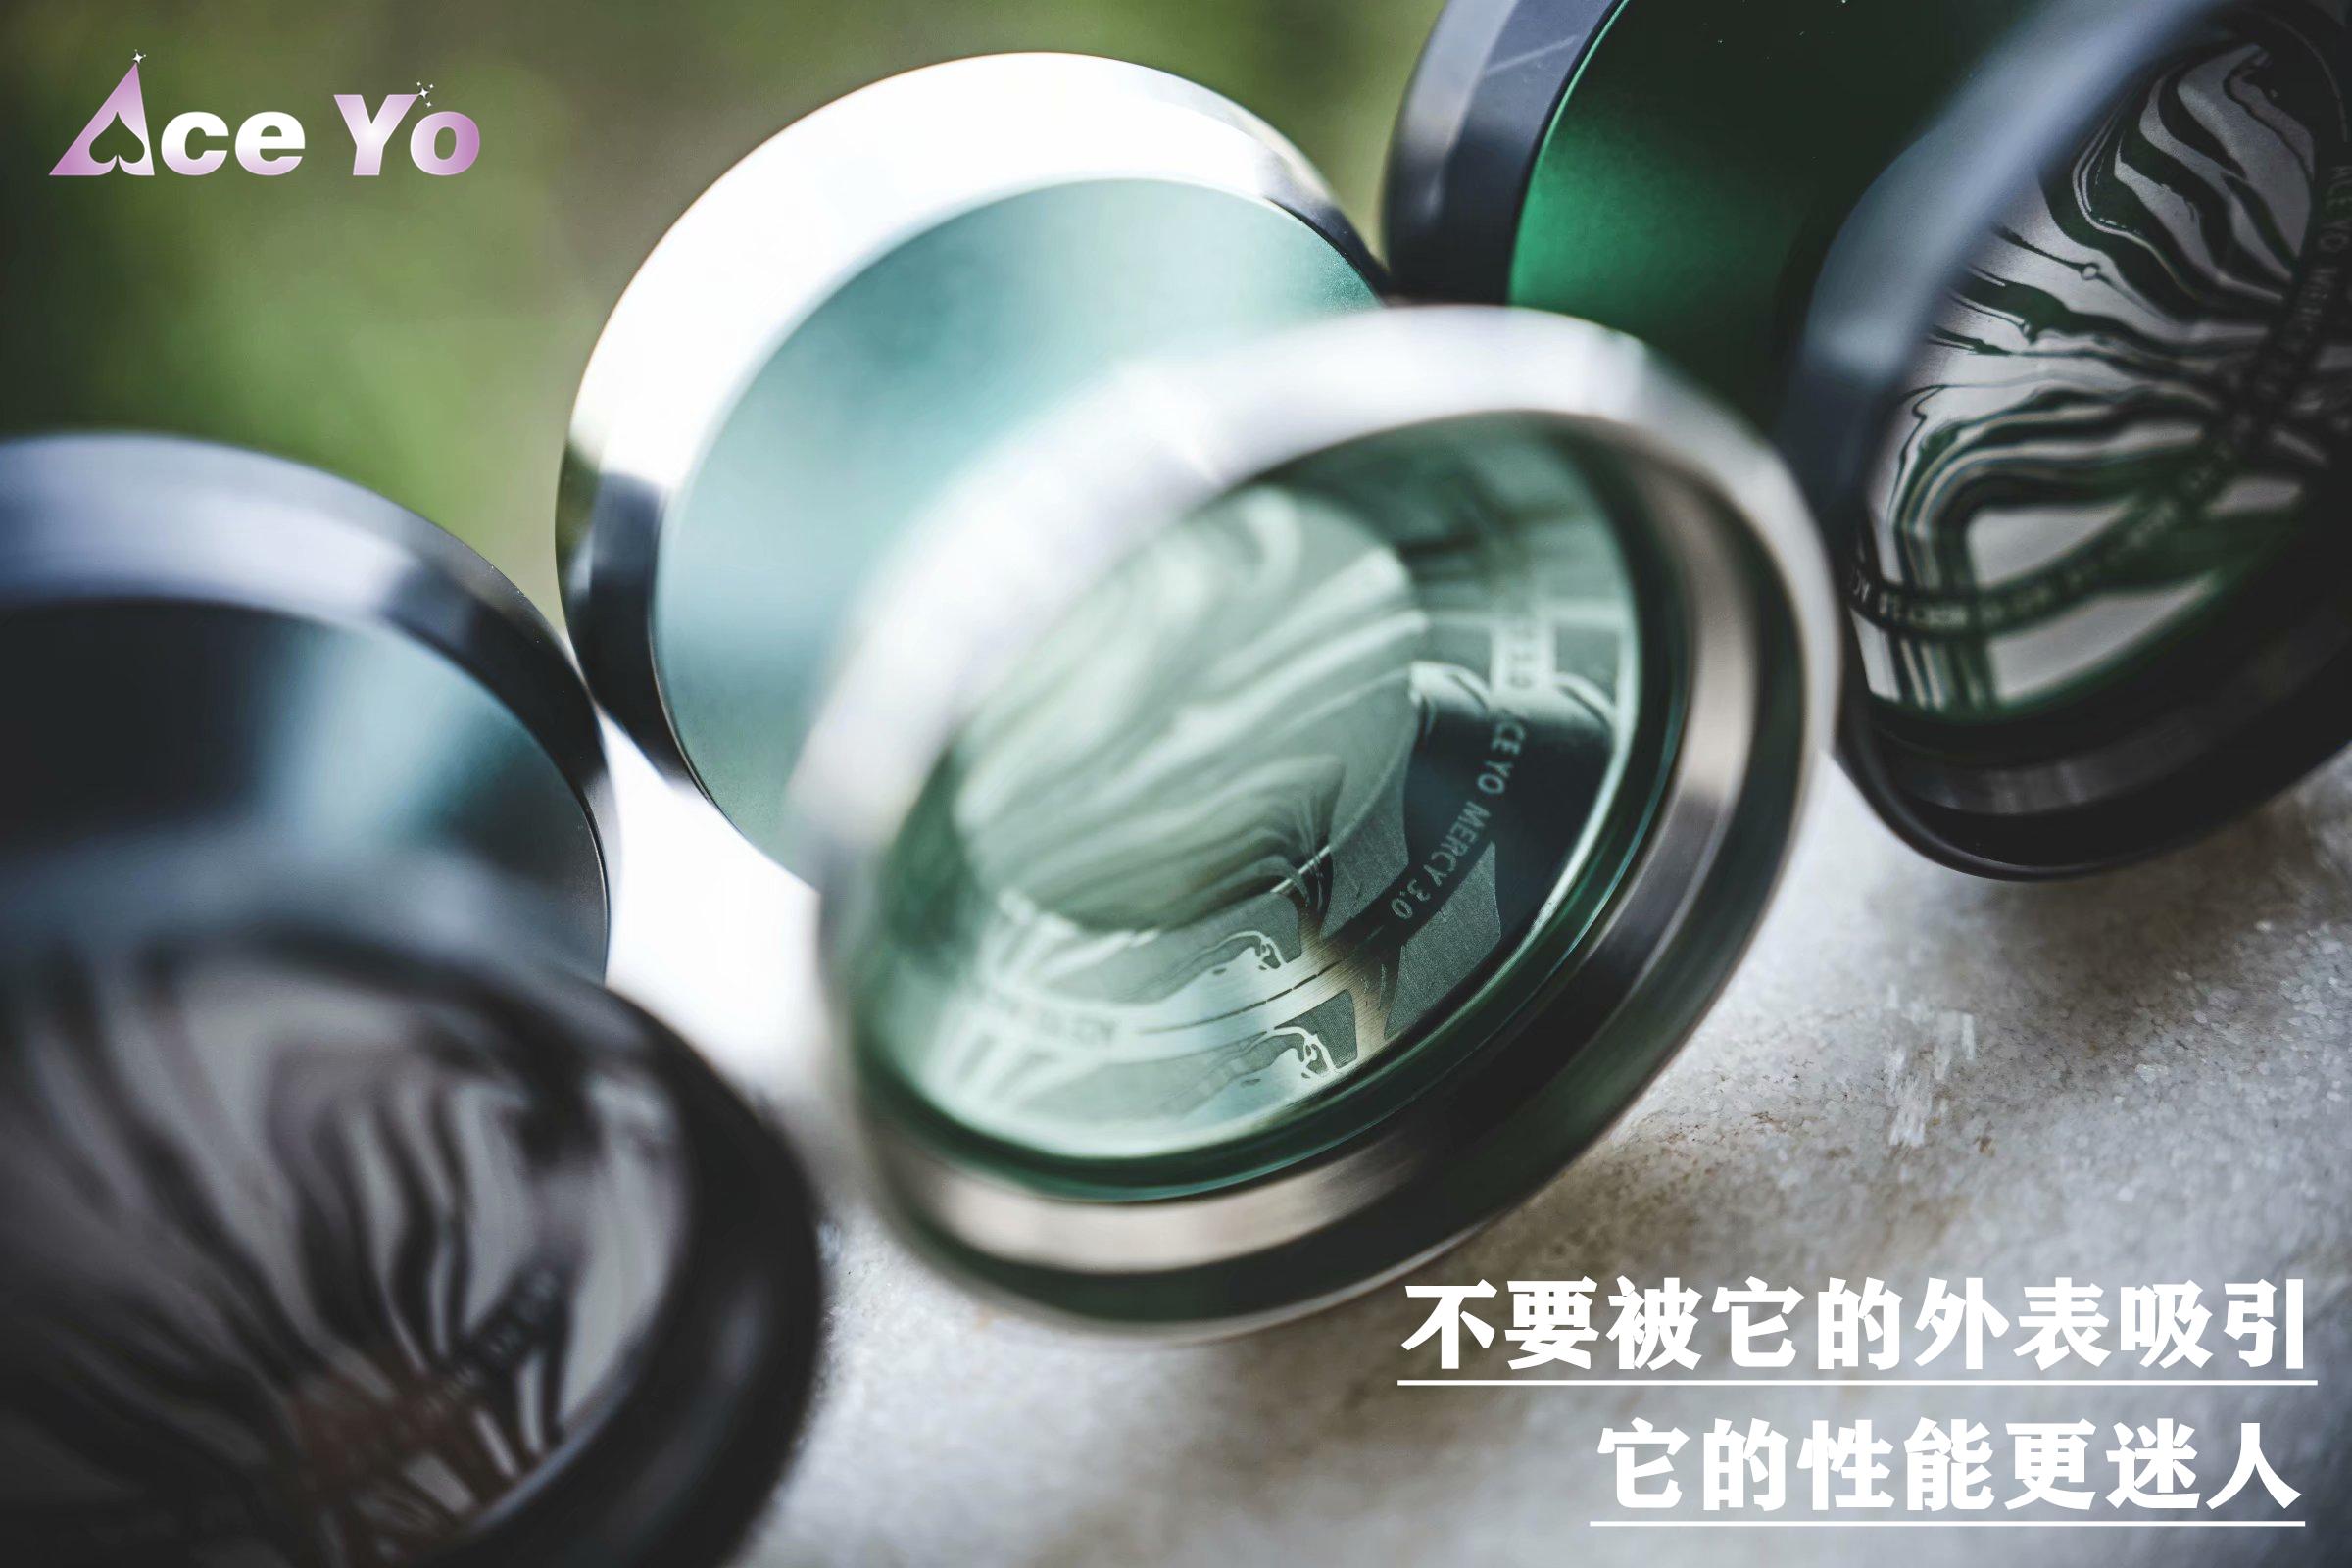 悠悠球 aceyo慈悲3 专业比赛悠悠球竞技高级yoyo球溜溜球睡眠超长